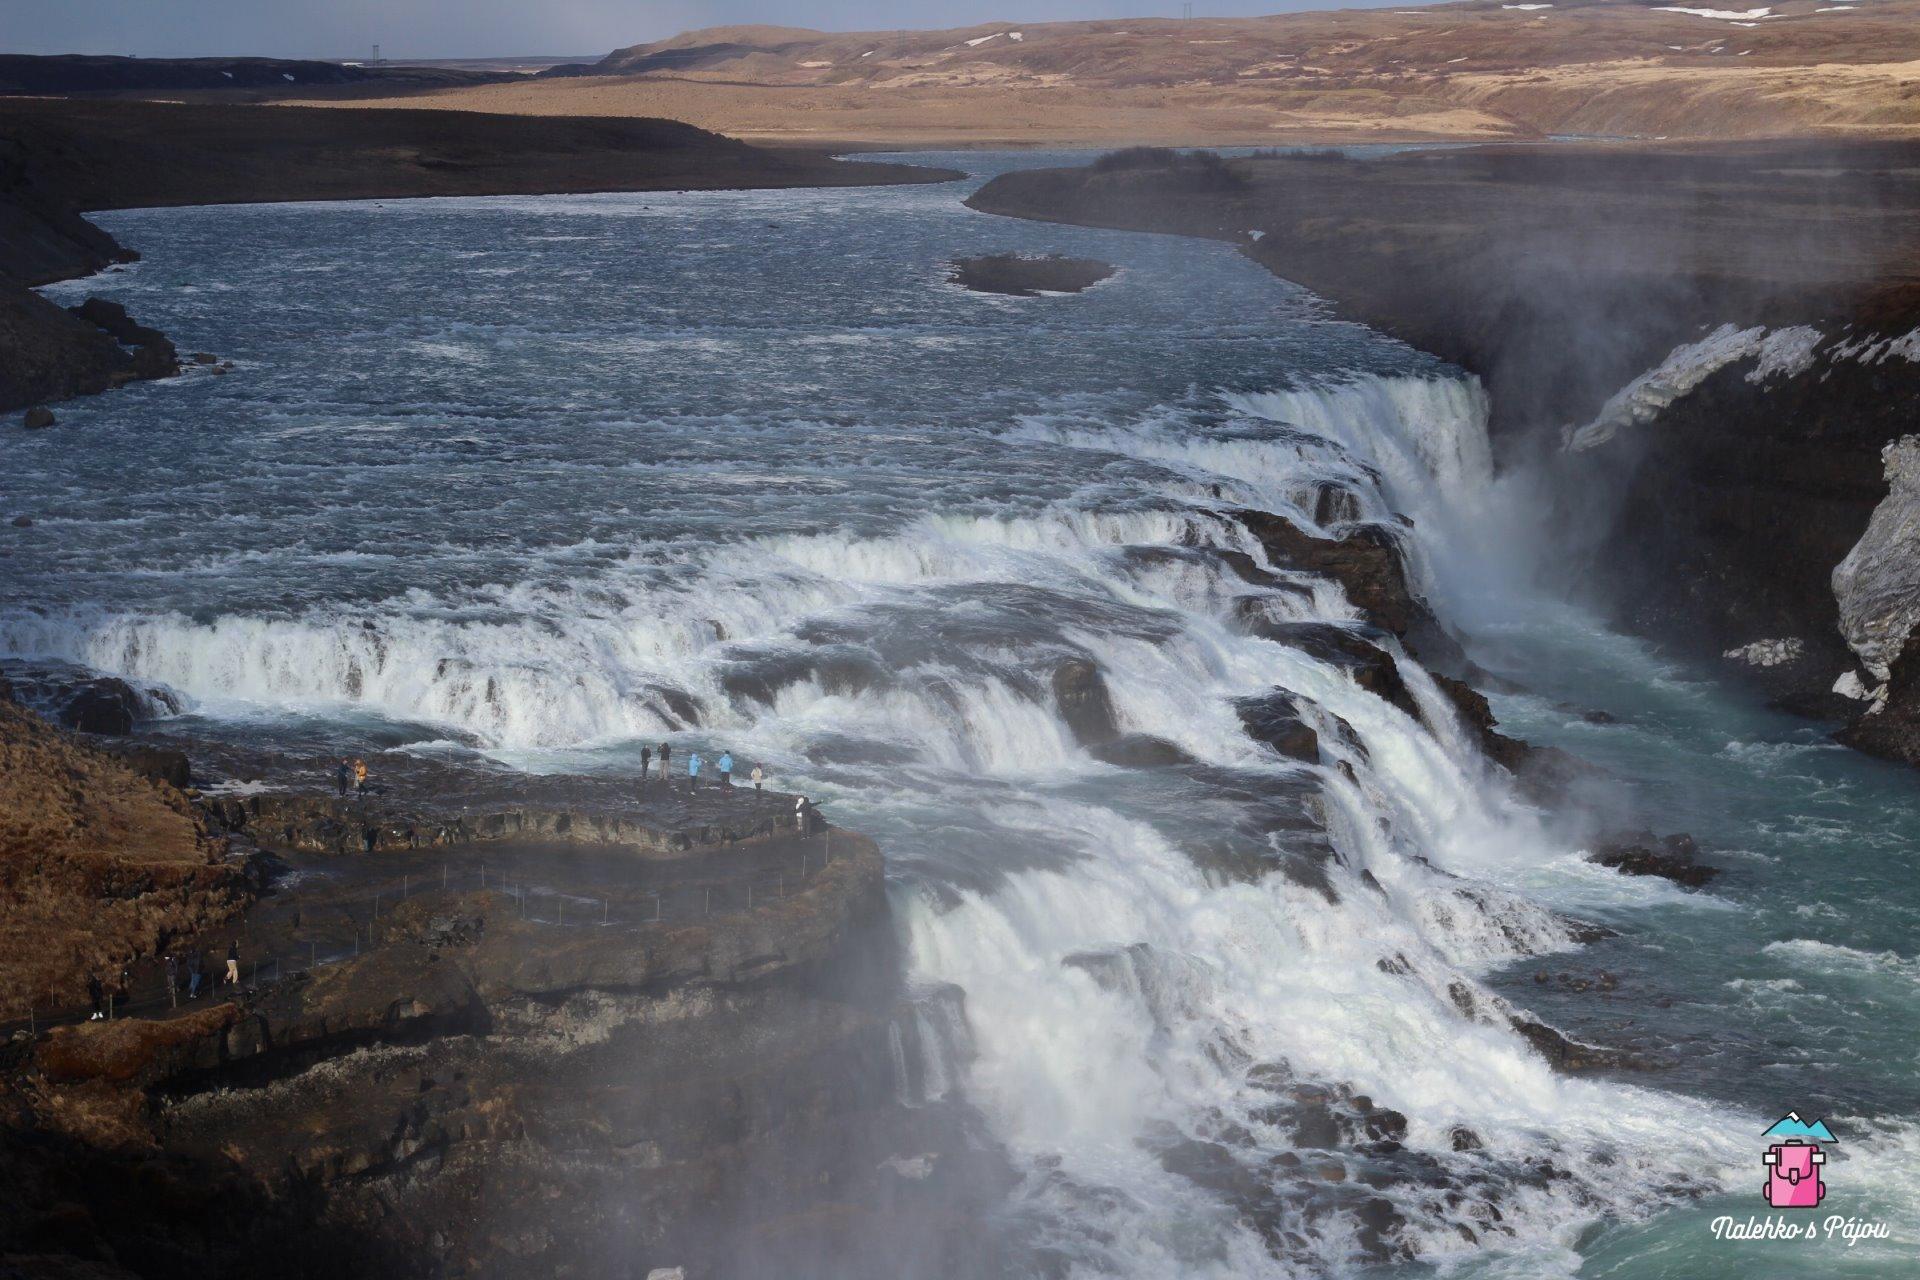 Můžete dojít až přímo k vodopádu, ale bez pláštěnky to nedělejte :)